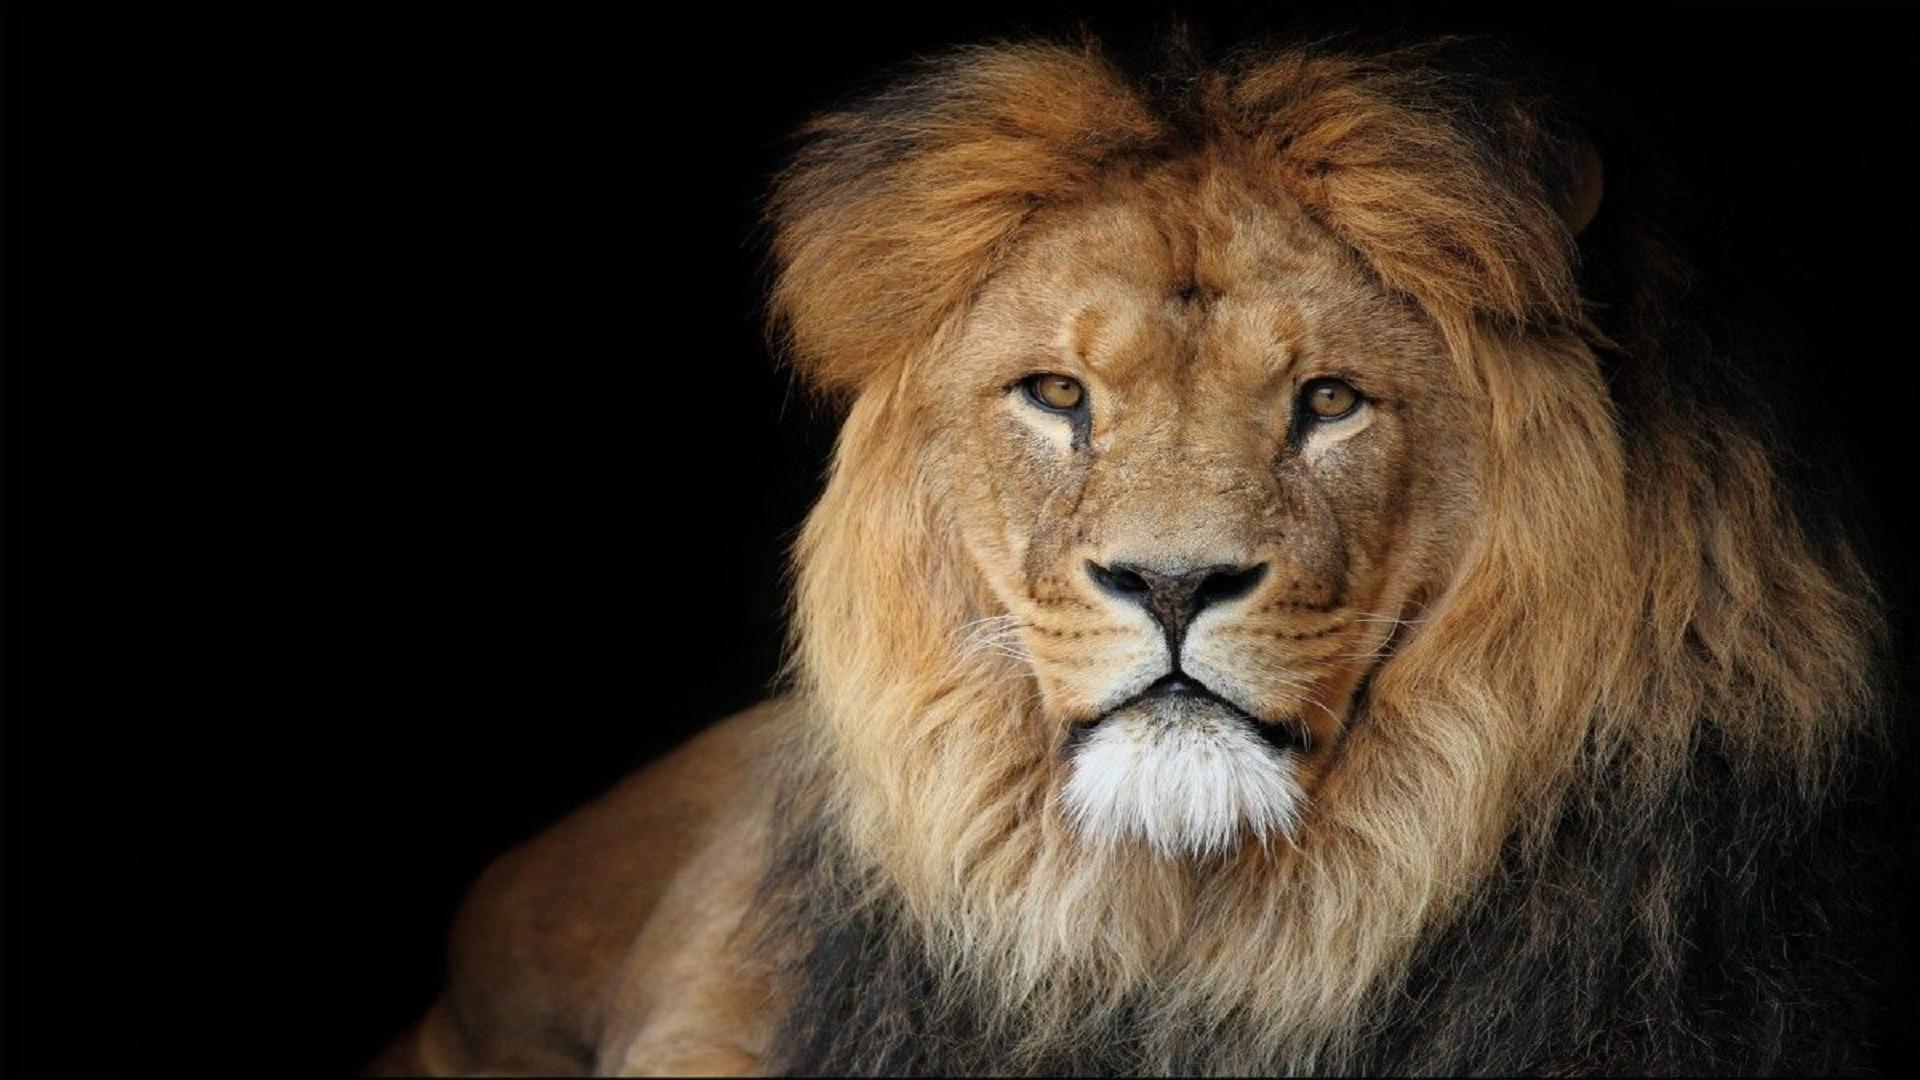 Black Lion Hd Wallpaper 64 Images